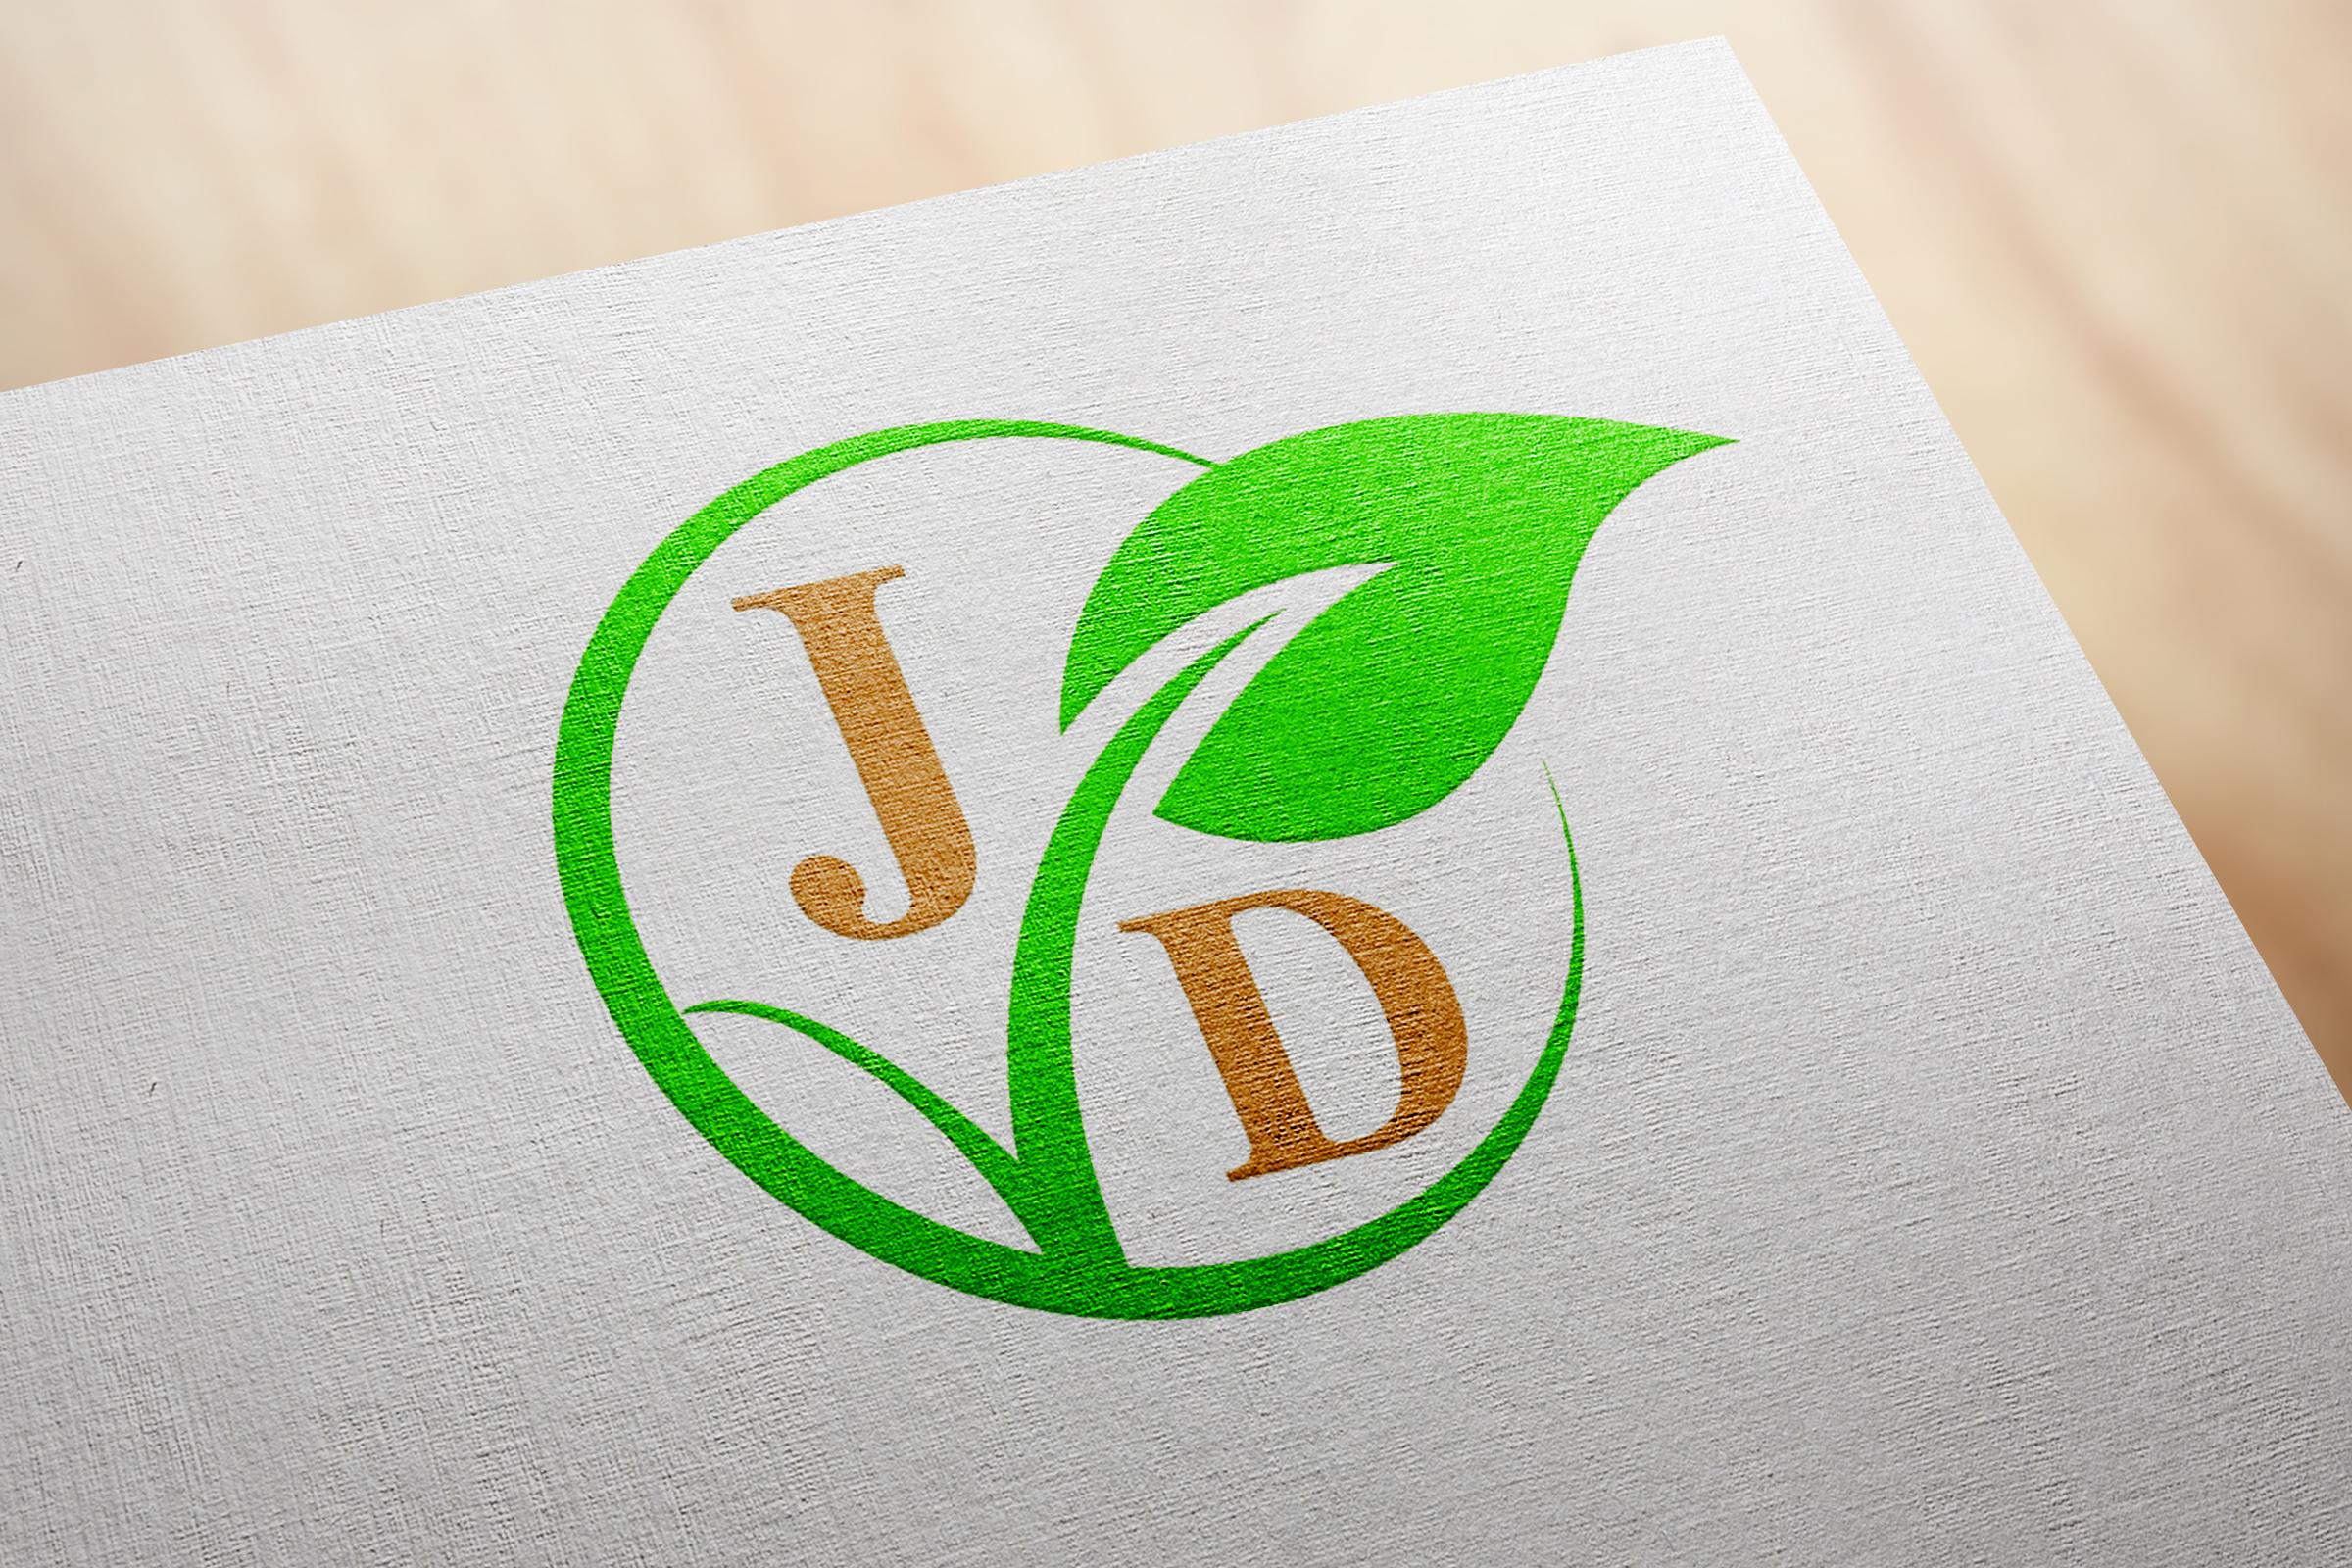 Spices company logo design by Badri design